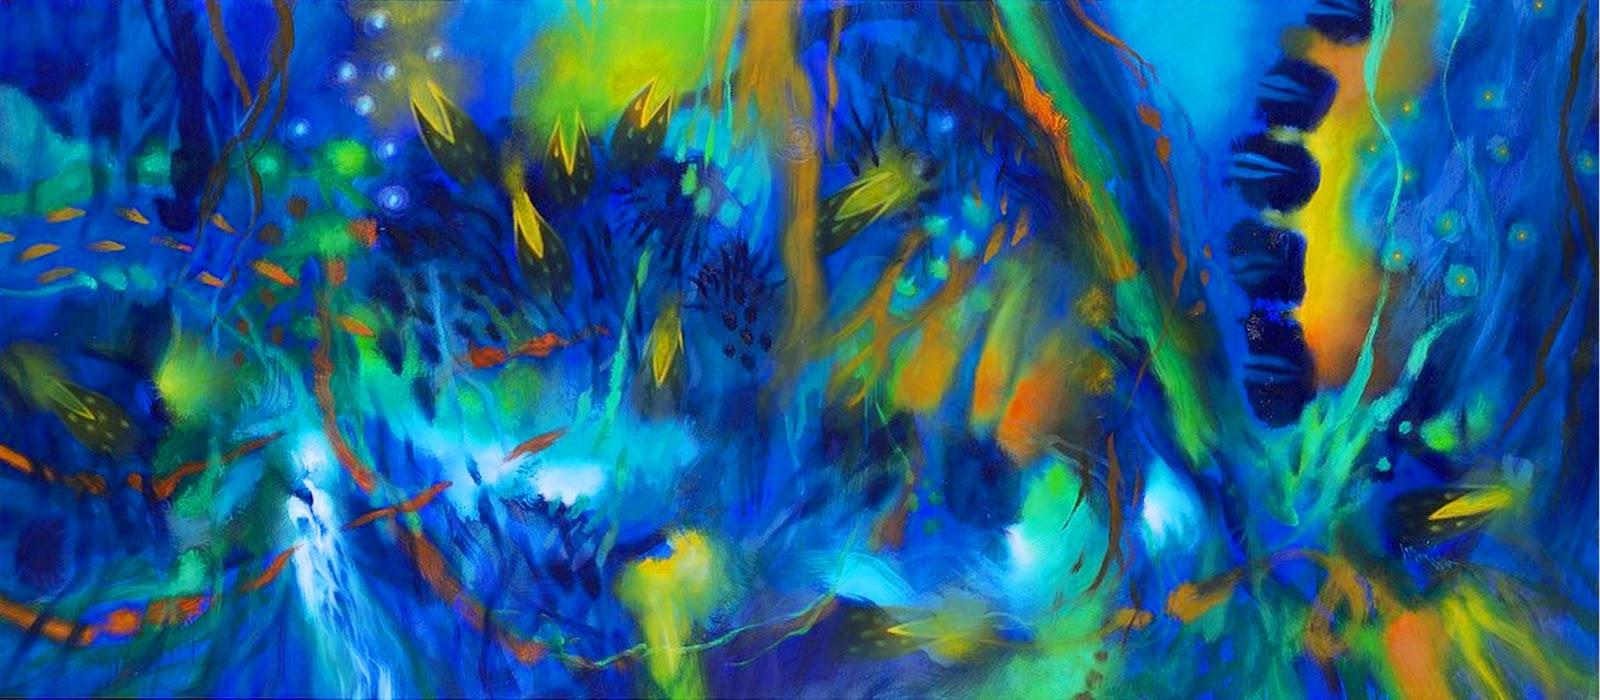 Cuadros pinturas oleos pintura al leo abstracto for Imagenes de cuadros abstractos en blanco y negro